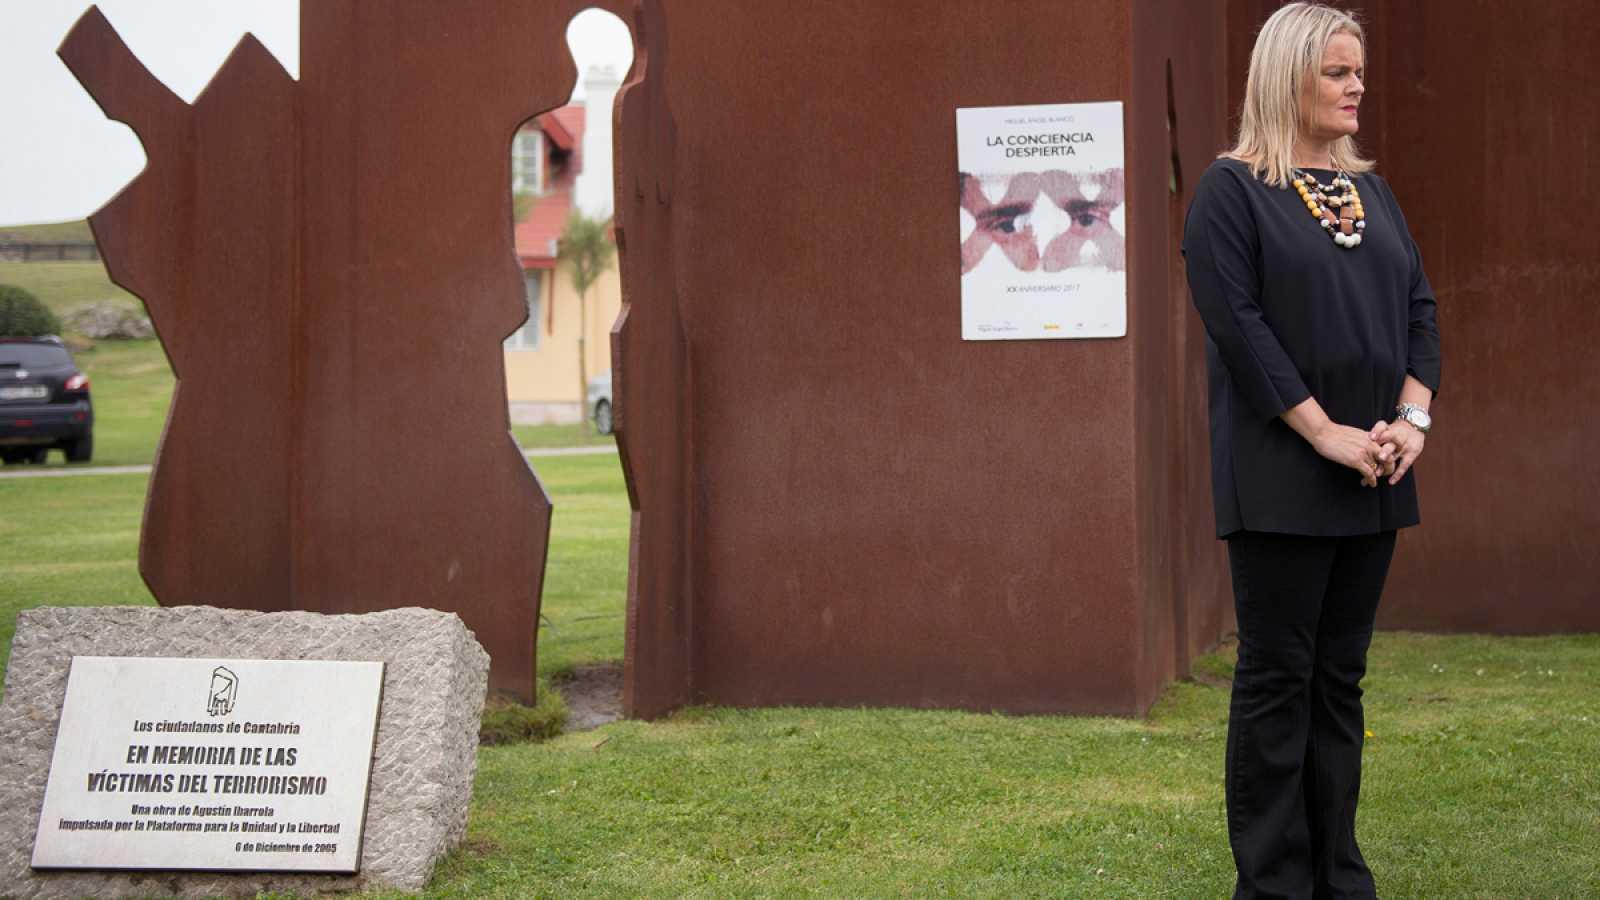 Mari Mar Blanco duda de la sinceridad de ETA y le insta a colaborar con la justicia